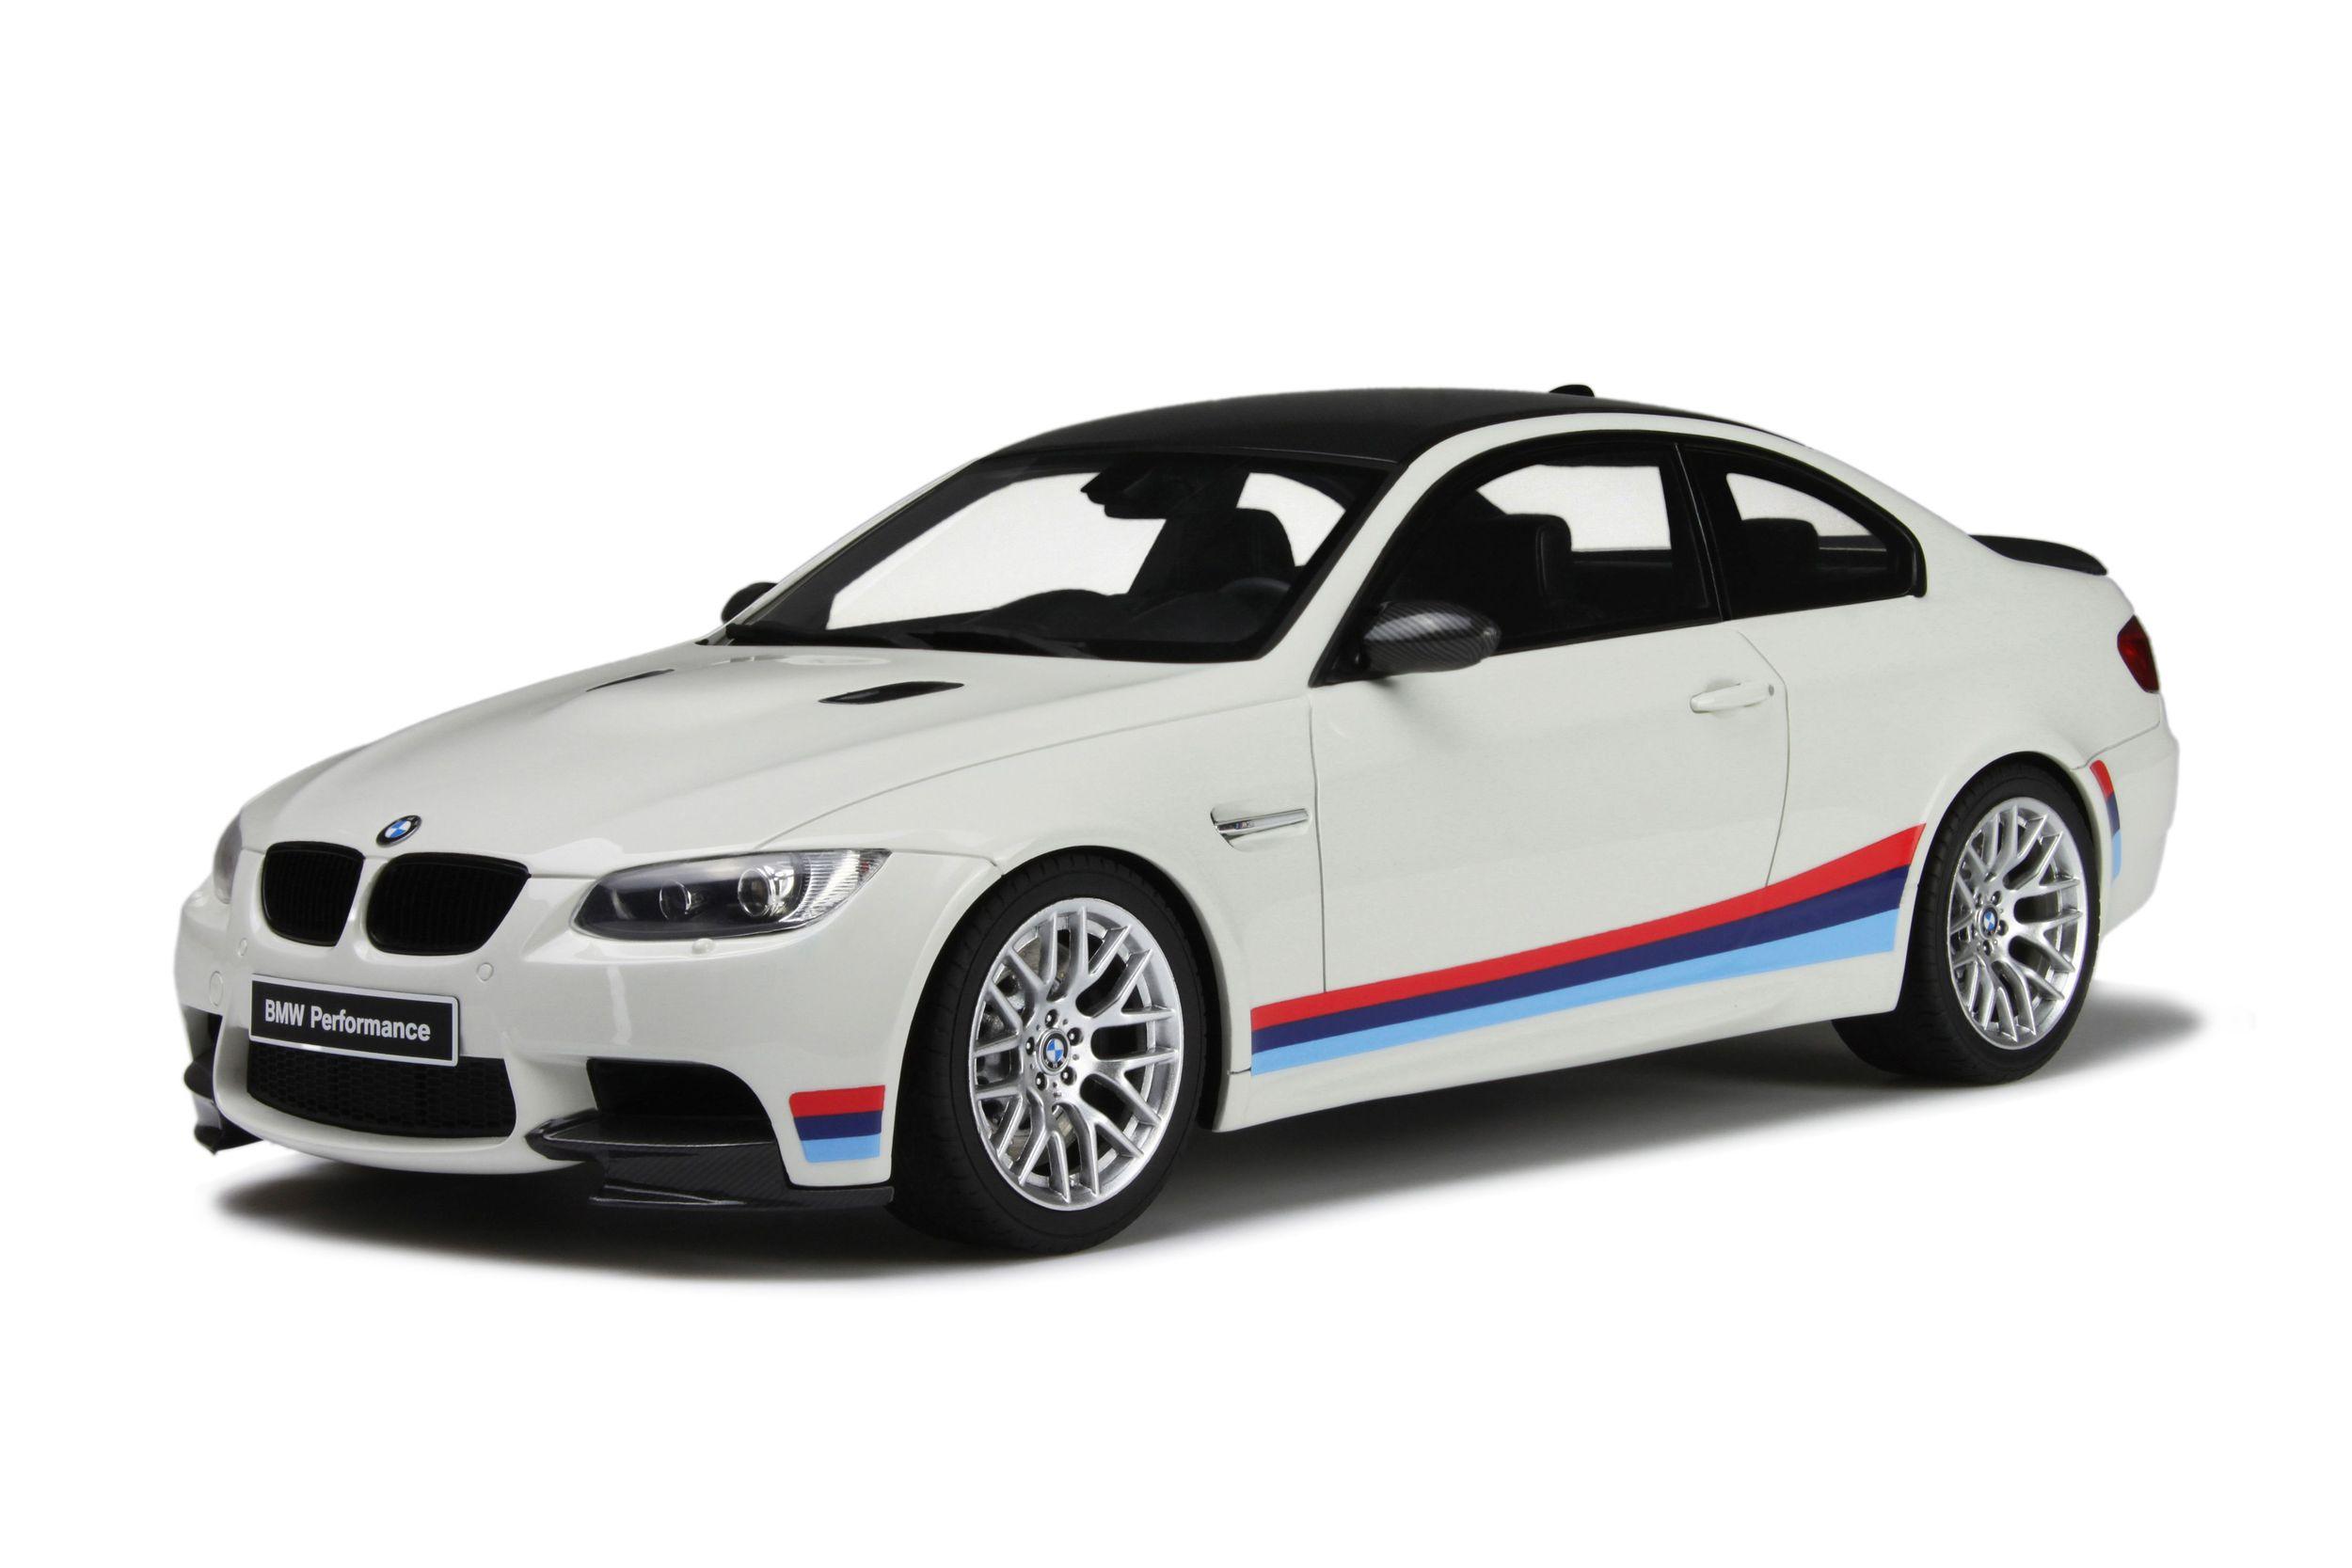 bmw m3 e92 m stripes model car collection gt spirit. Black Bedroom Furniture Sets. Home Design Ideas